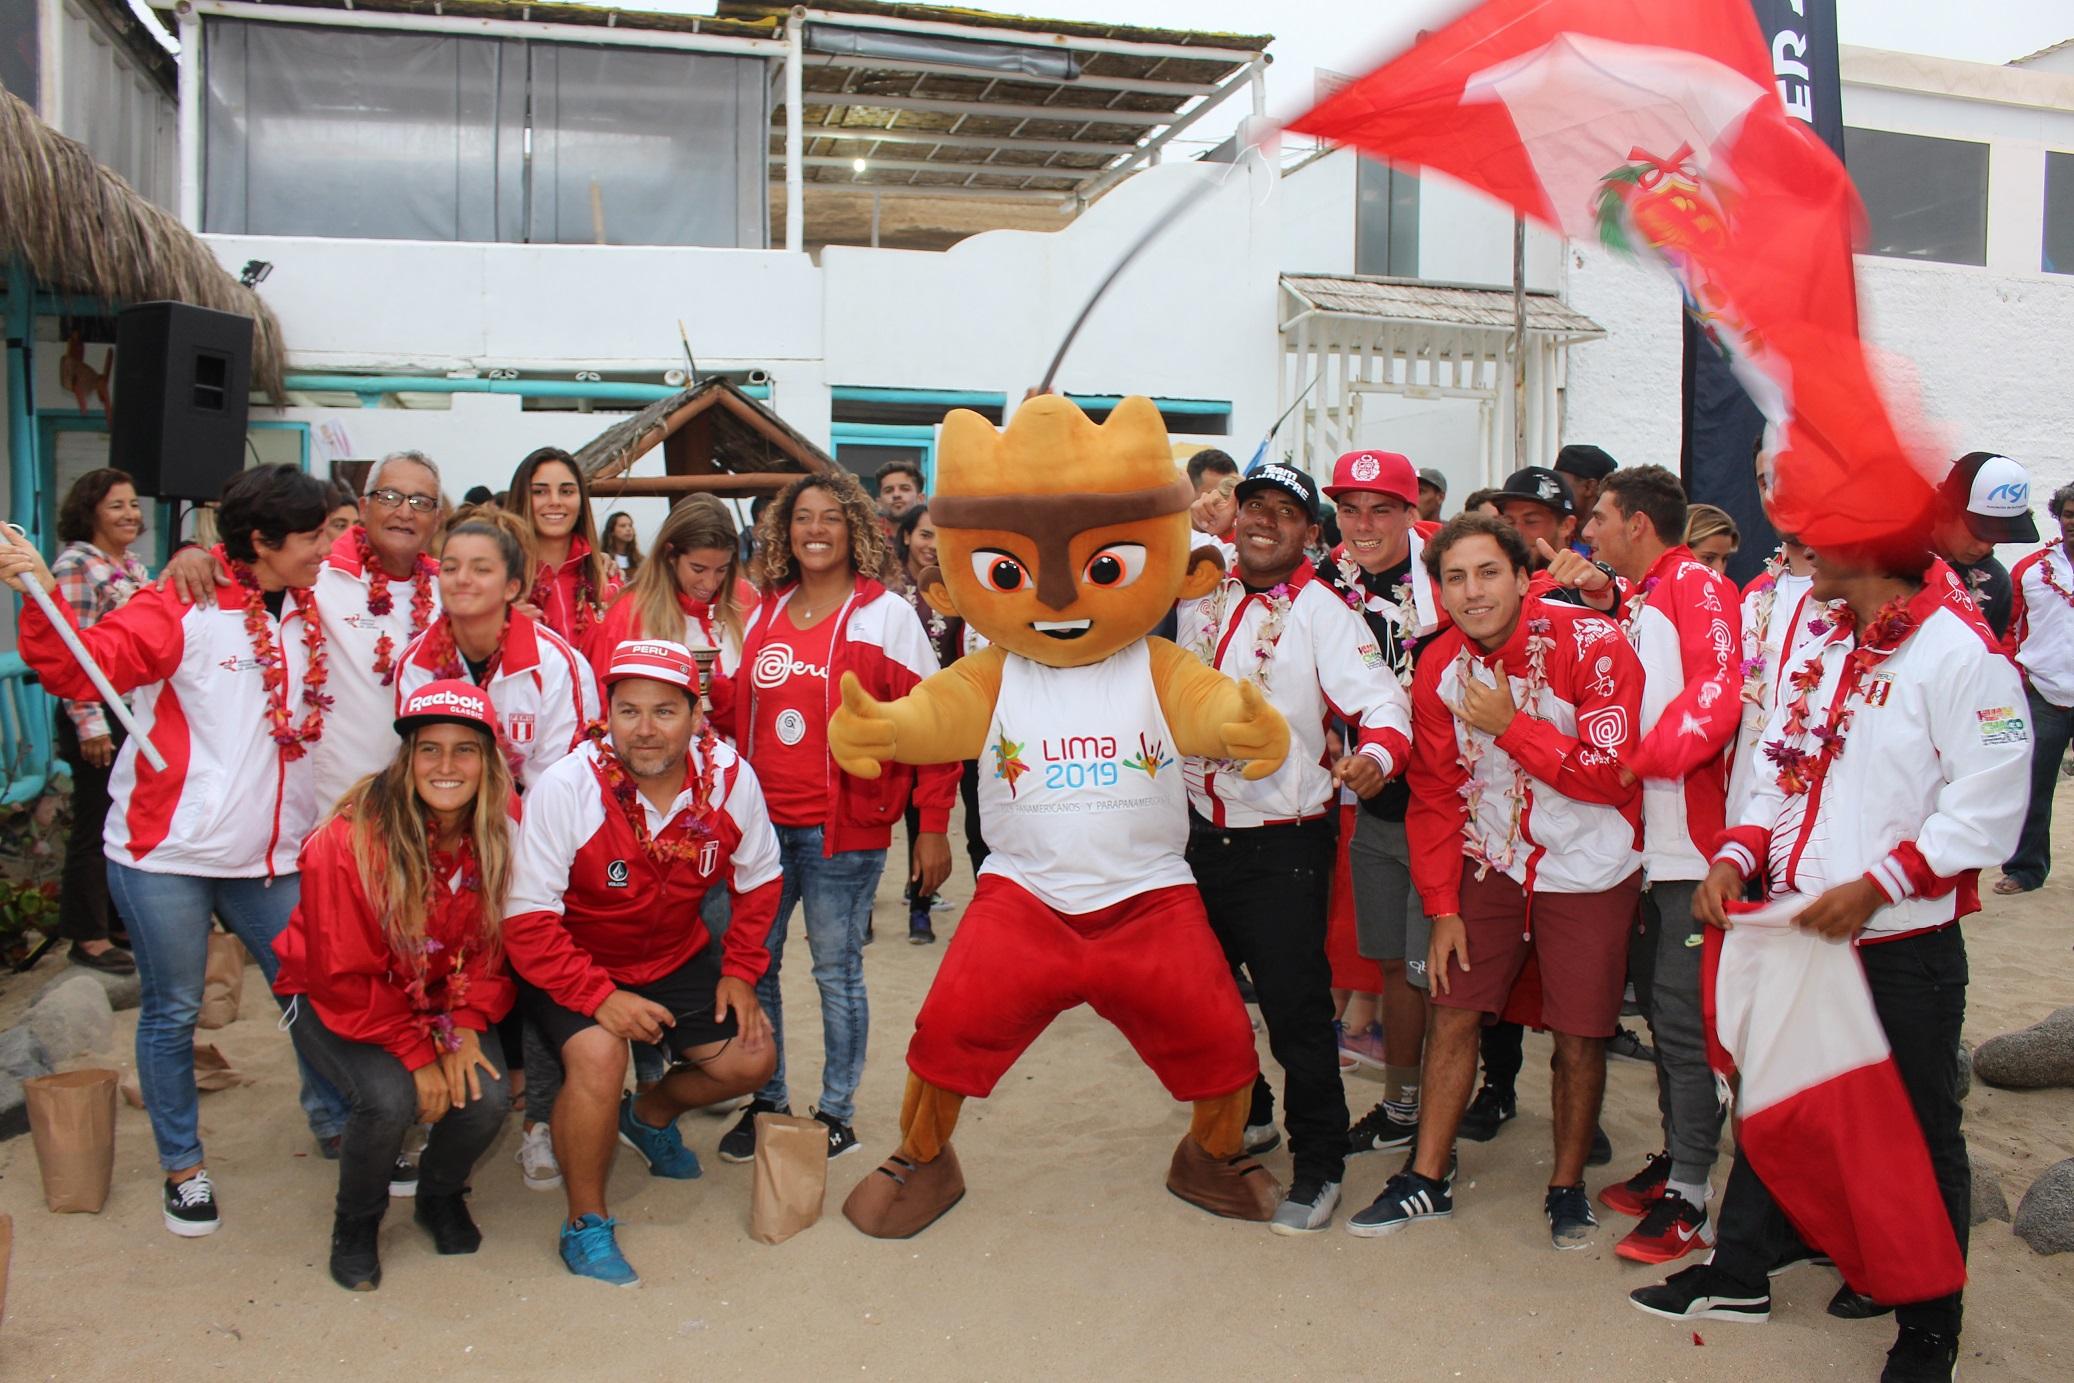 Lima inicia la cuenta regresiva para los juegos Panamericanos 2019